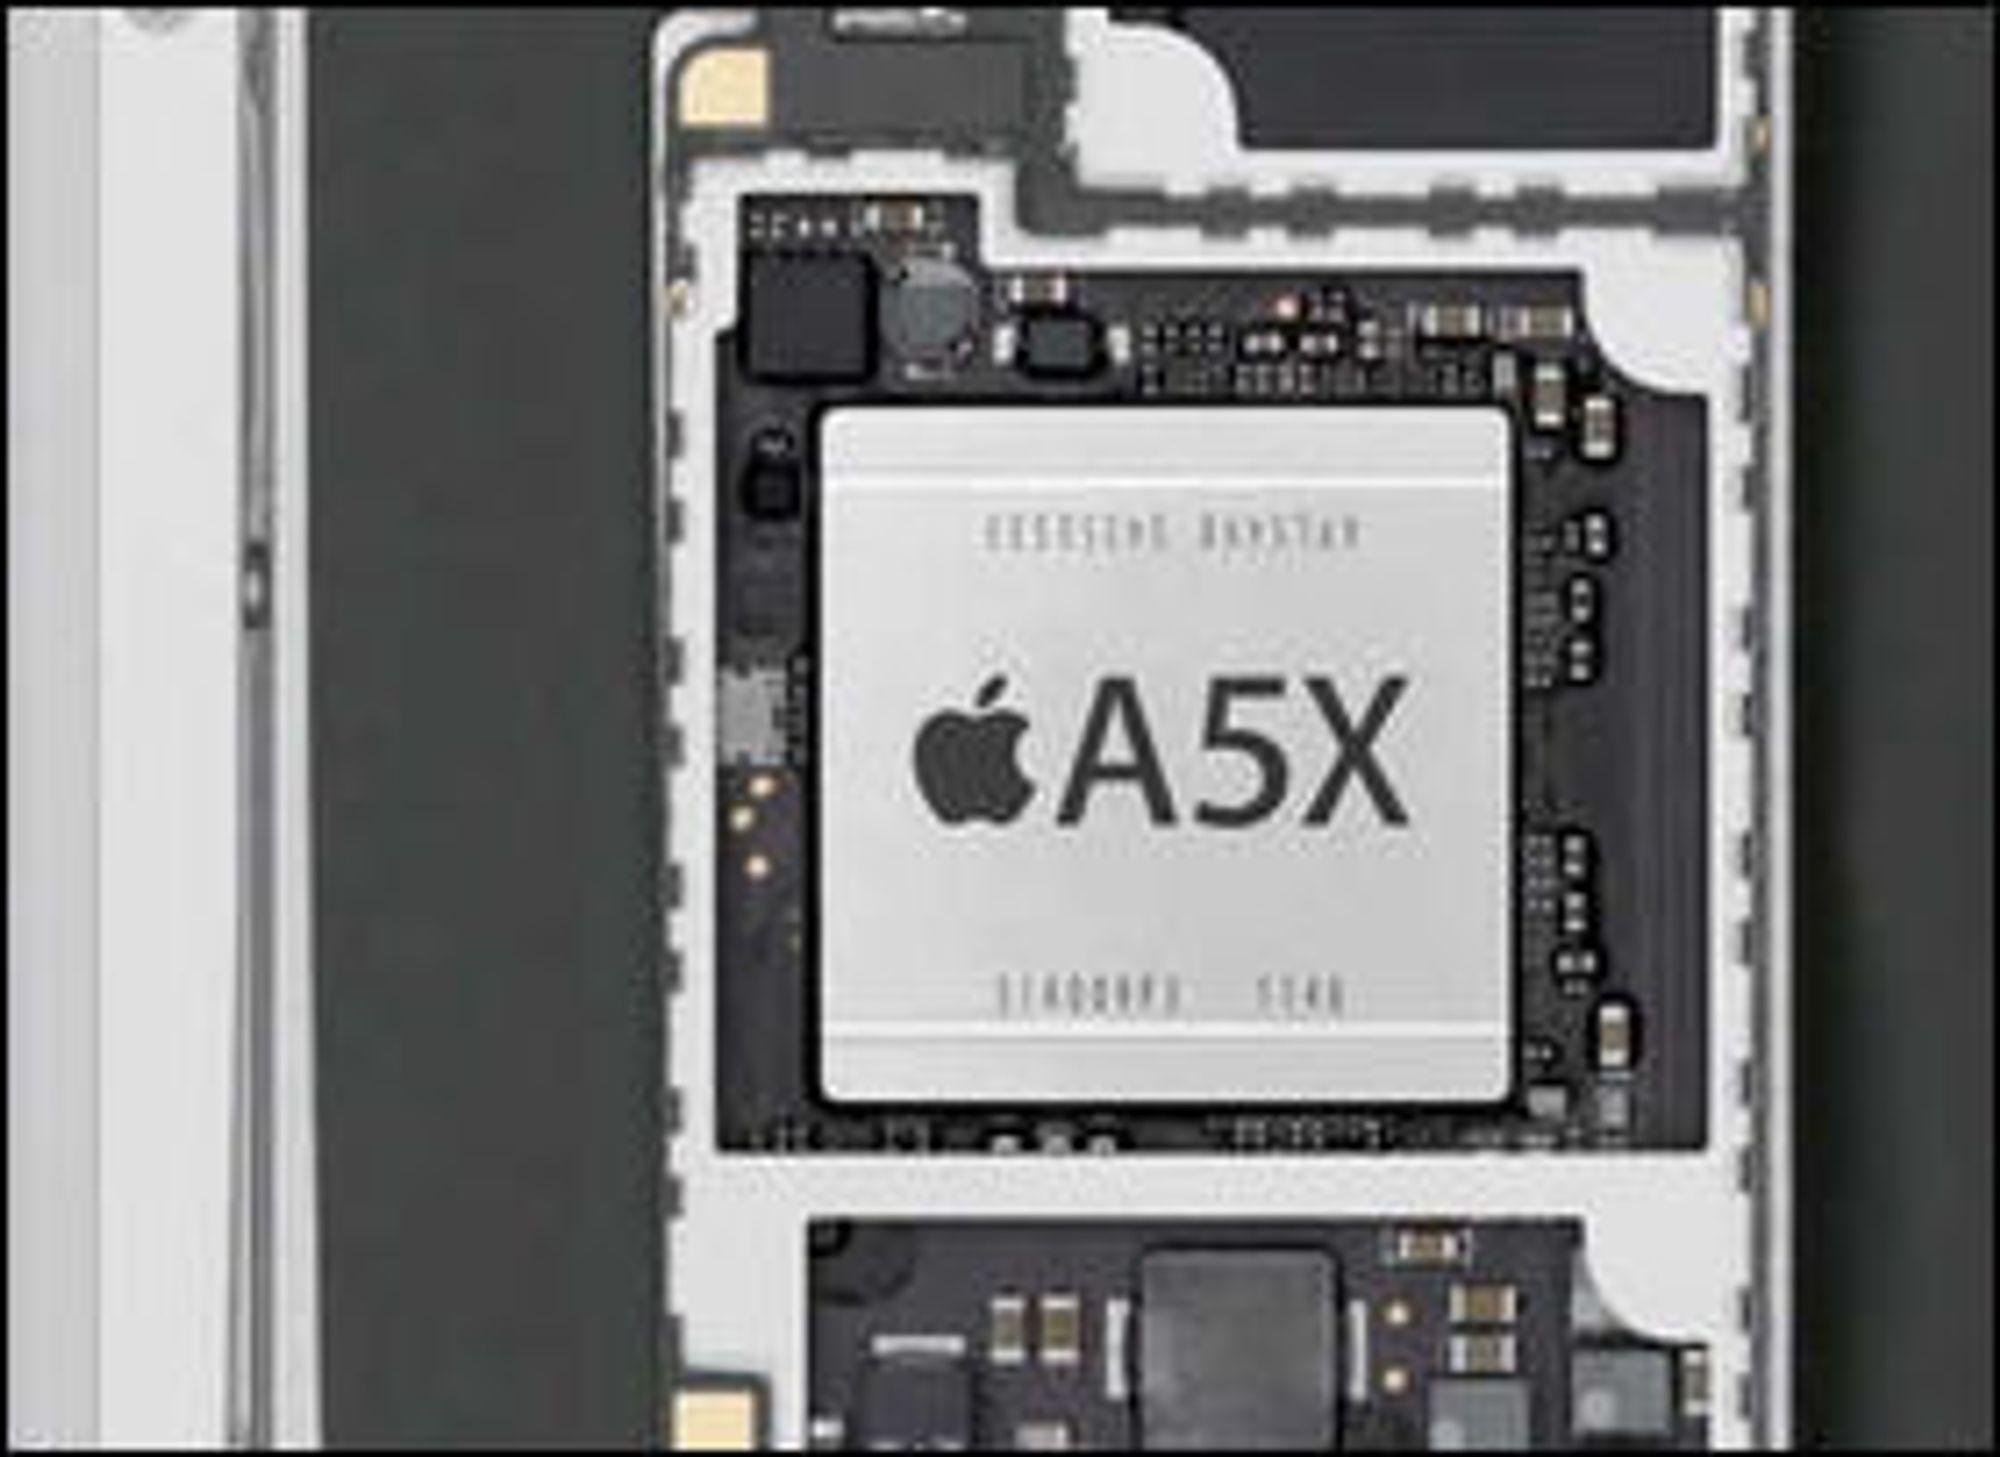 Den Apple-designede brikken A5X er produsert av Samsung, og vil fortsatt være det selv om Apple skal ha kuttet i andre leveranser fra det koreanske selskapet.